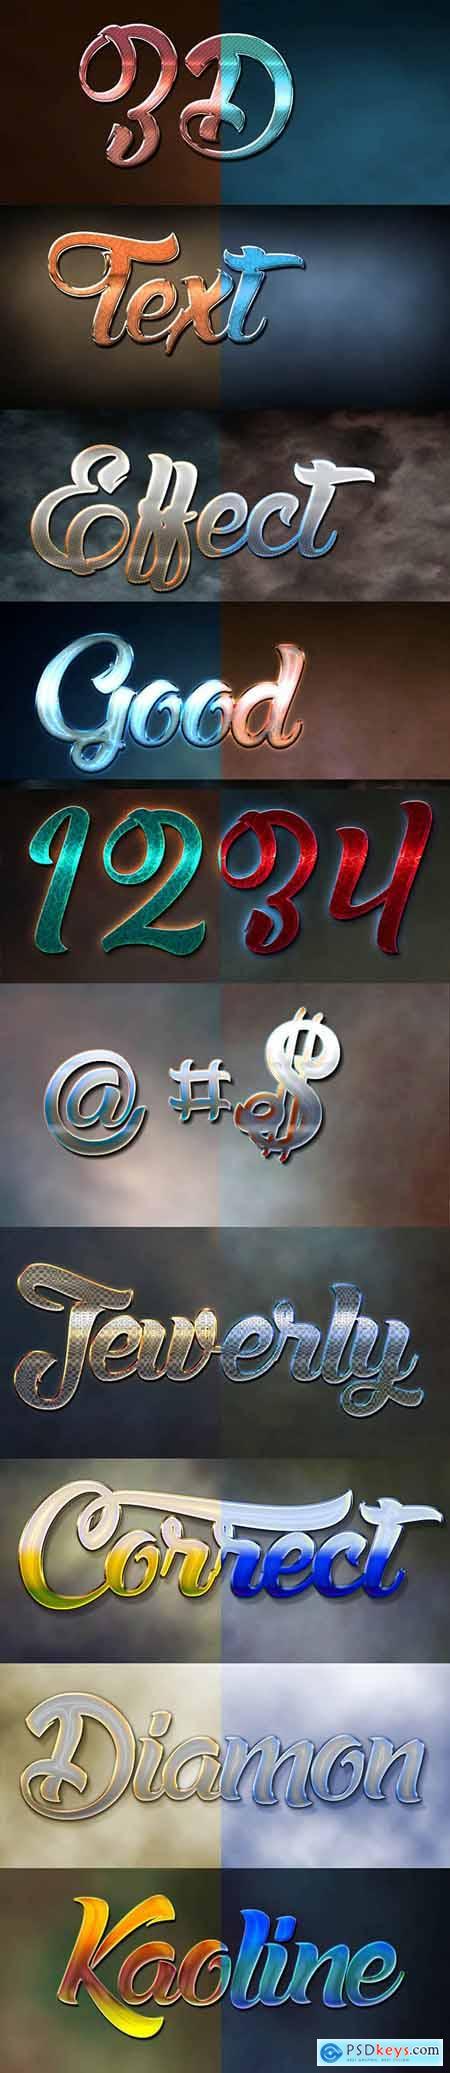 10 3D Text Effect 29_09_20 28755387